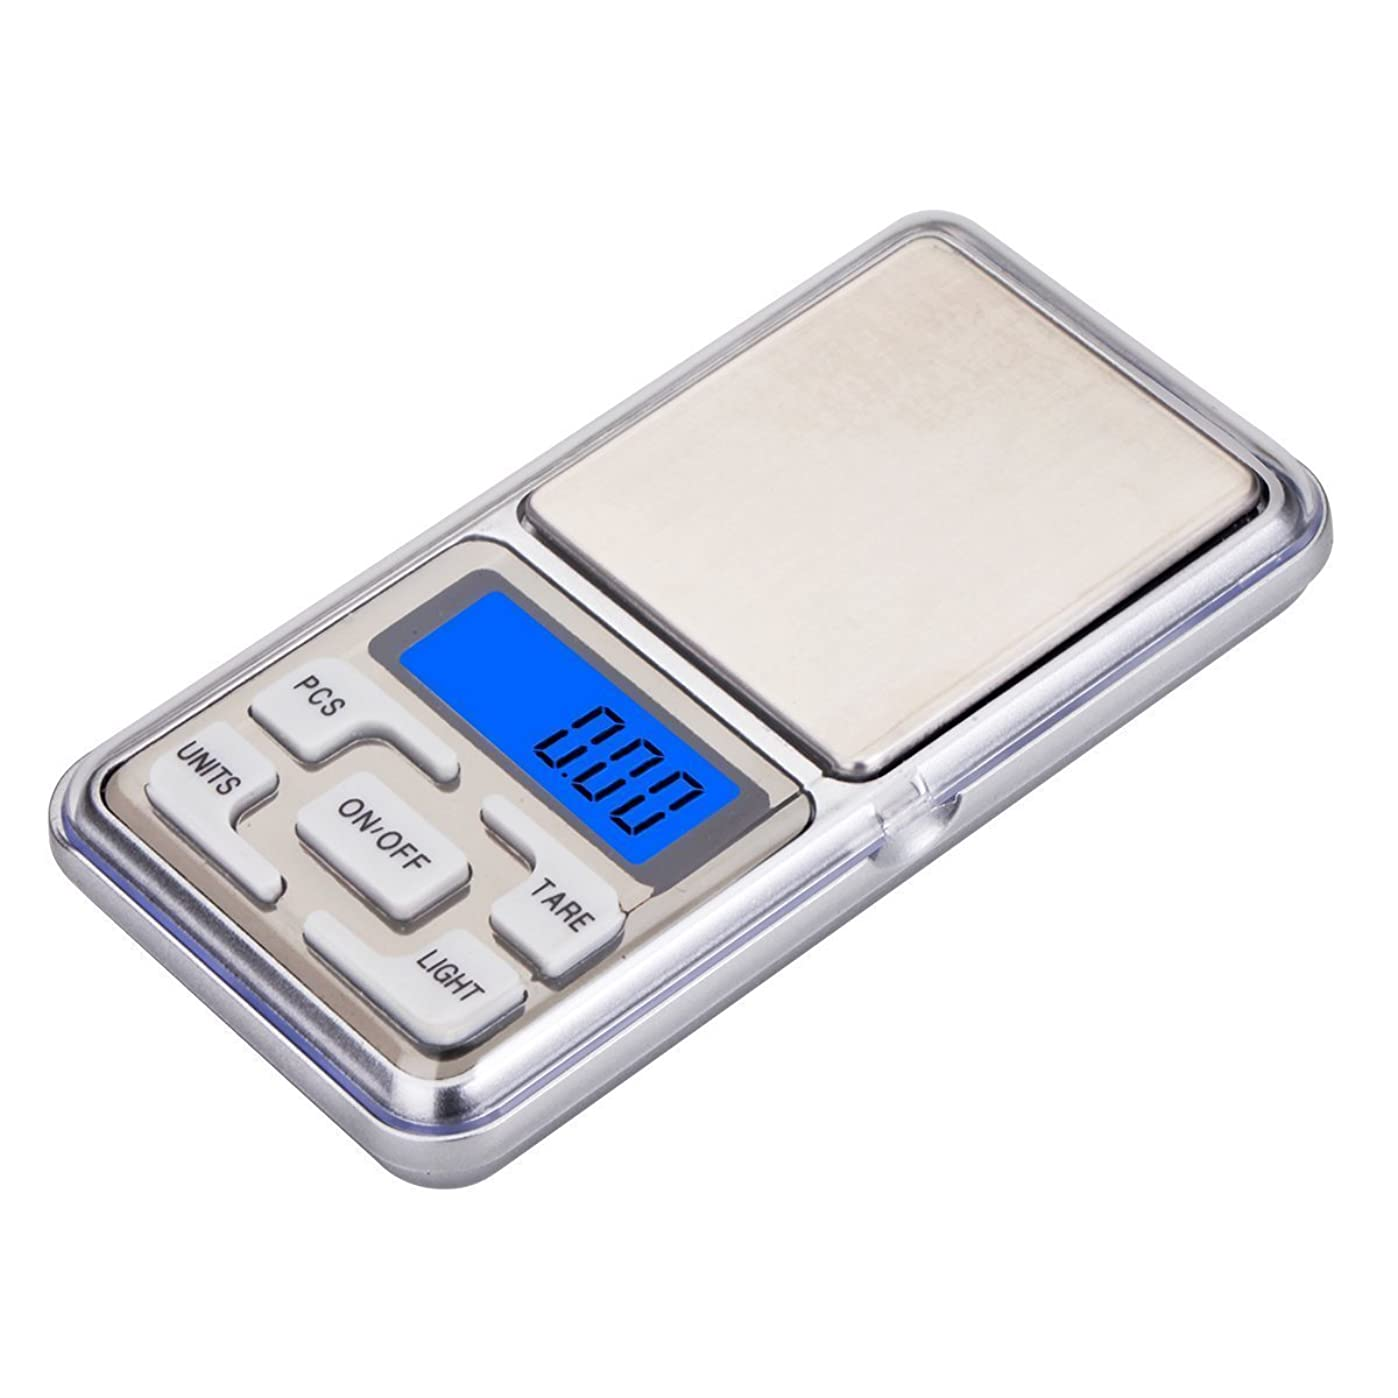 ゲート食堂ぐったり測定工具 台はかり 天秤 電子測定機器 クッキングスケール 携帯タイプ ポケットデジタル スケール200g/0.01g(秤)